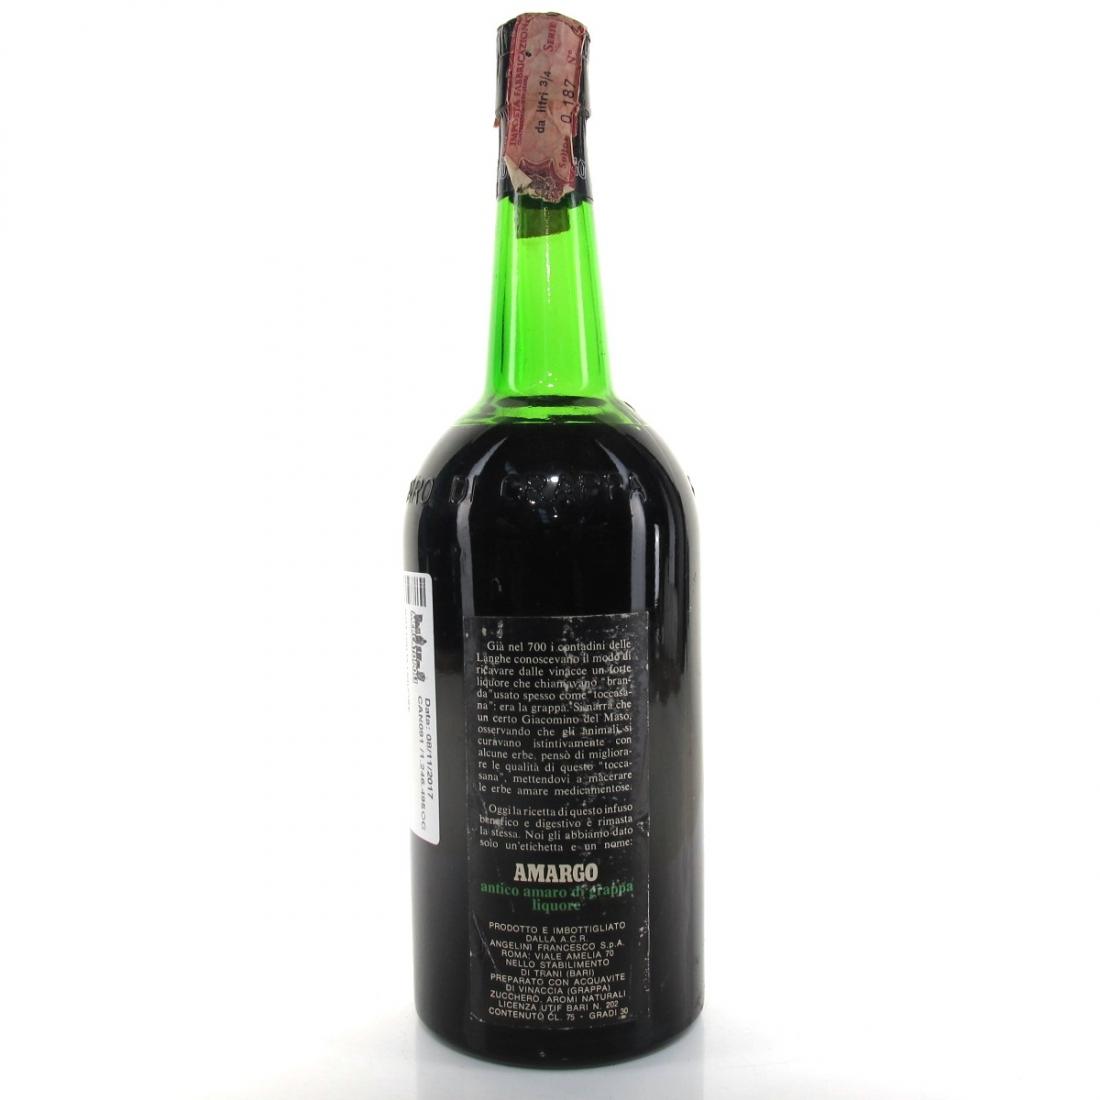 Amargo Antico Amaro di Grappa 1970s